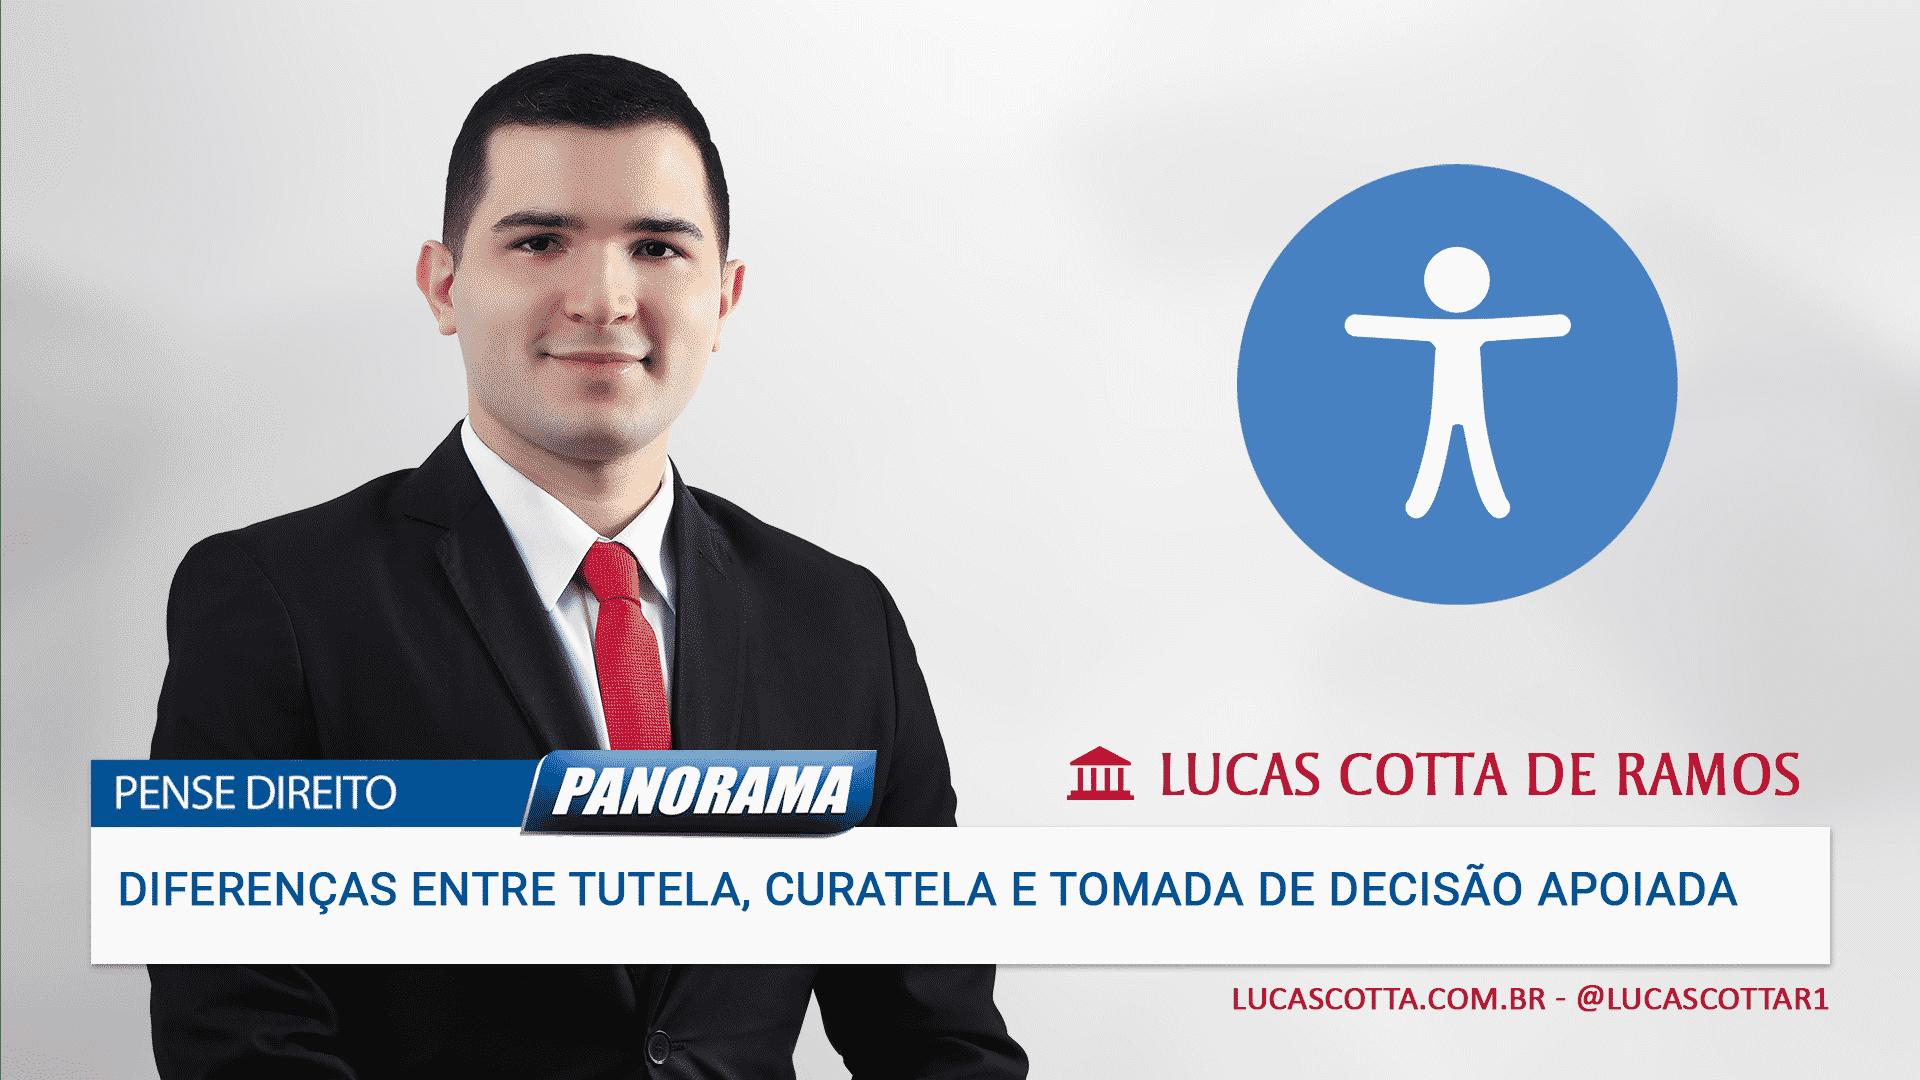 You are currently viewing Tutela, curatela e tomada de decisão apoiada